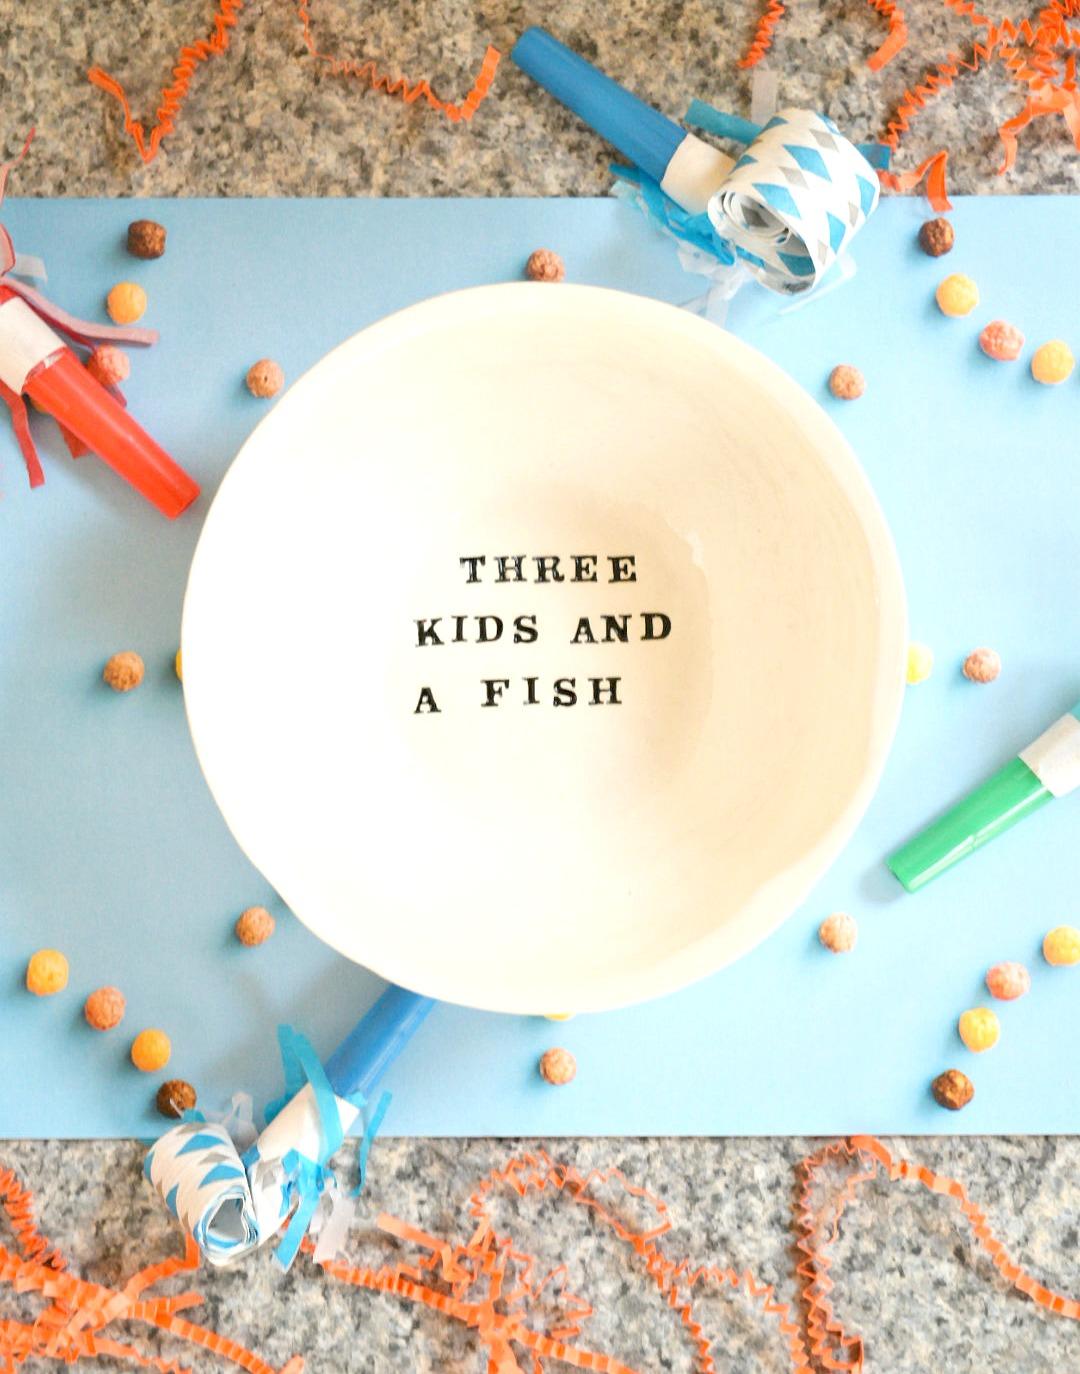 threekidsandafish